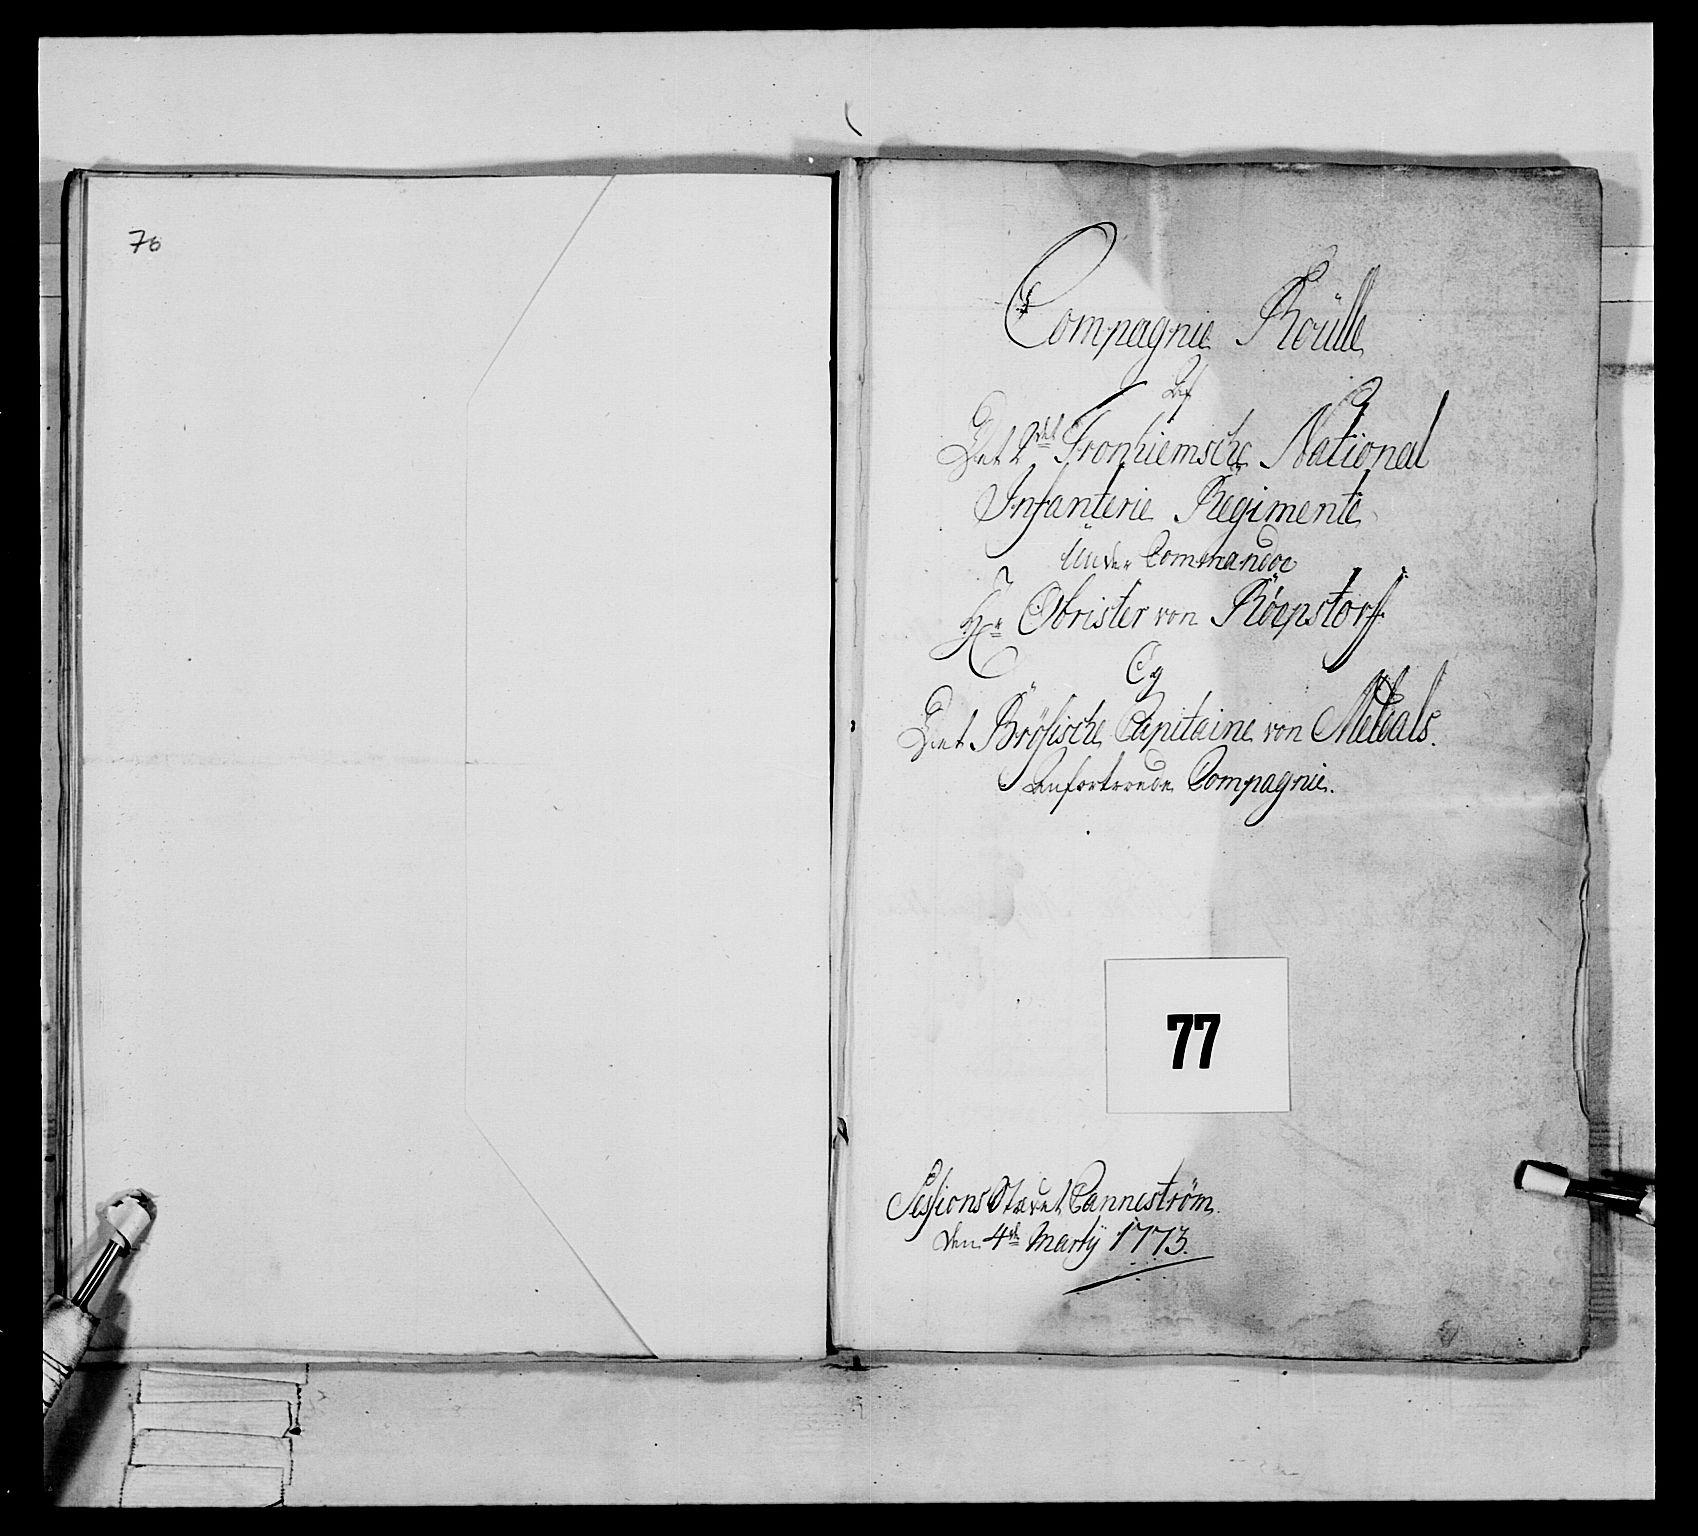 RA, Generalitets- og kommissariatskollegiet, Det kongelige norske kommissariatskollegium, E/Eh/L0076: 2. Trondheimske nasjonale infanteriregiment, 1766-1773, s. 371